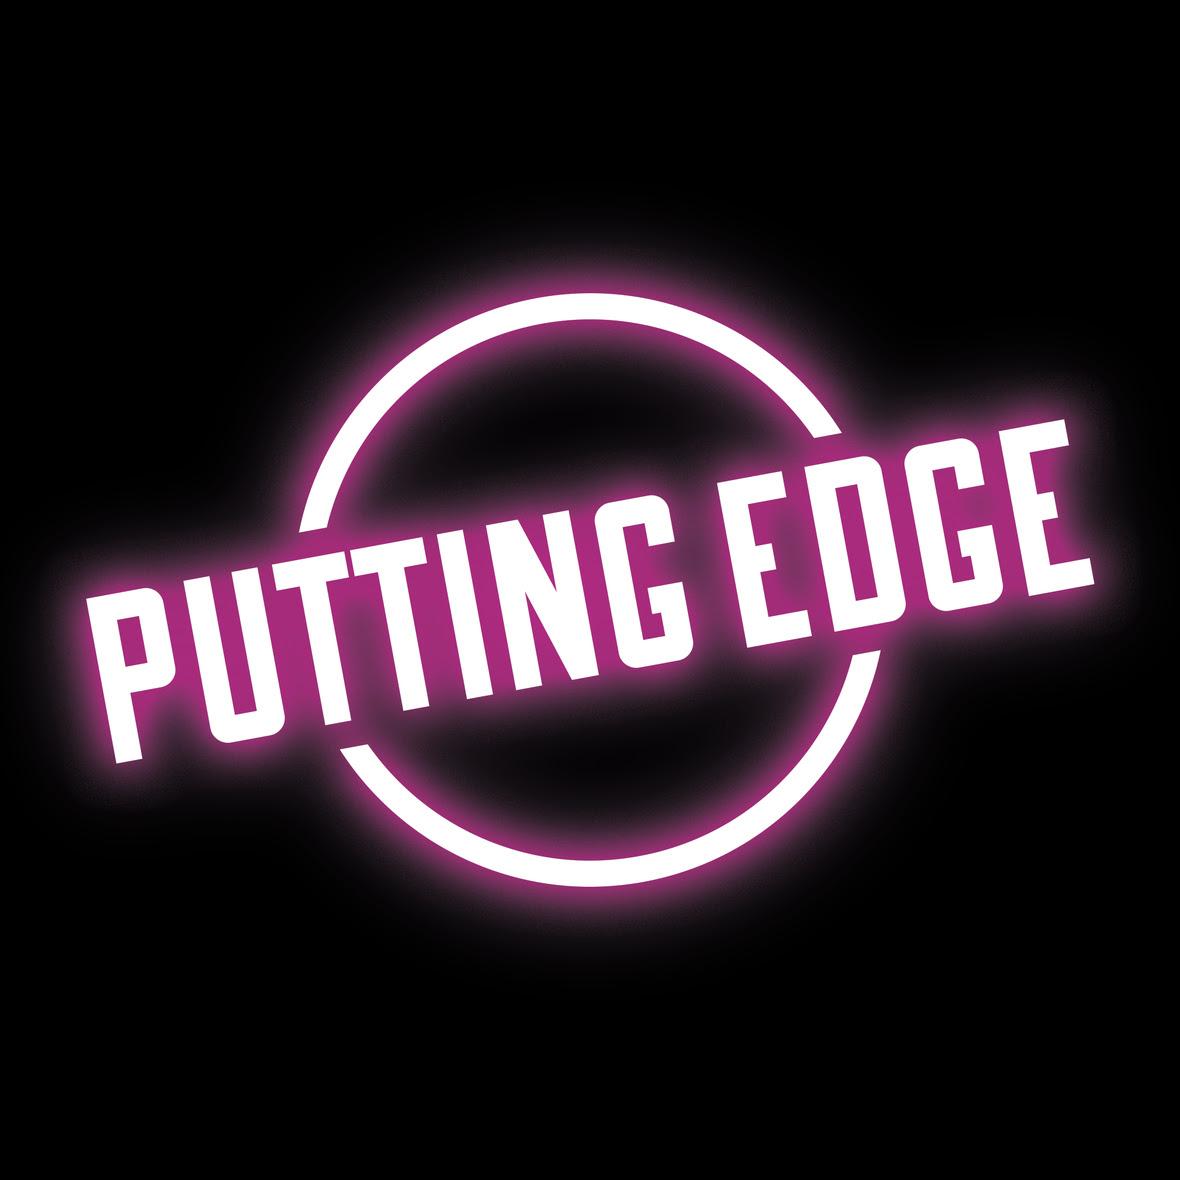 puttingedge logo pink glow  1